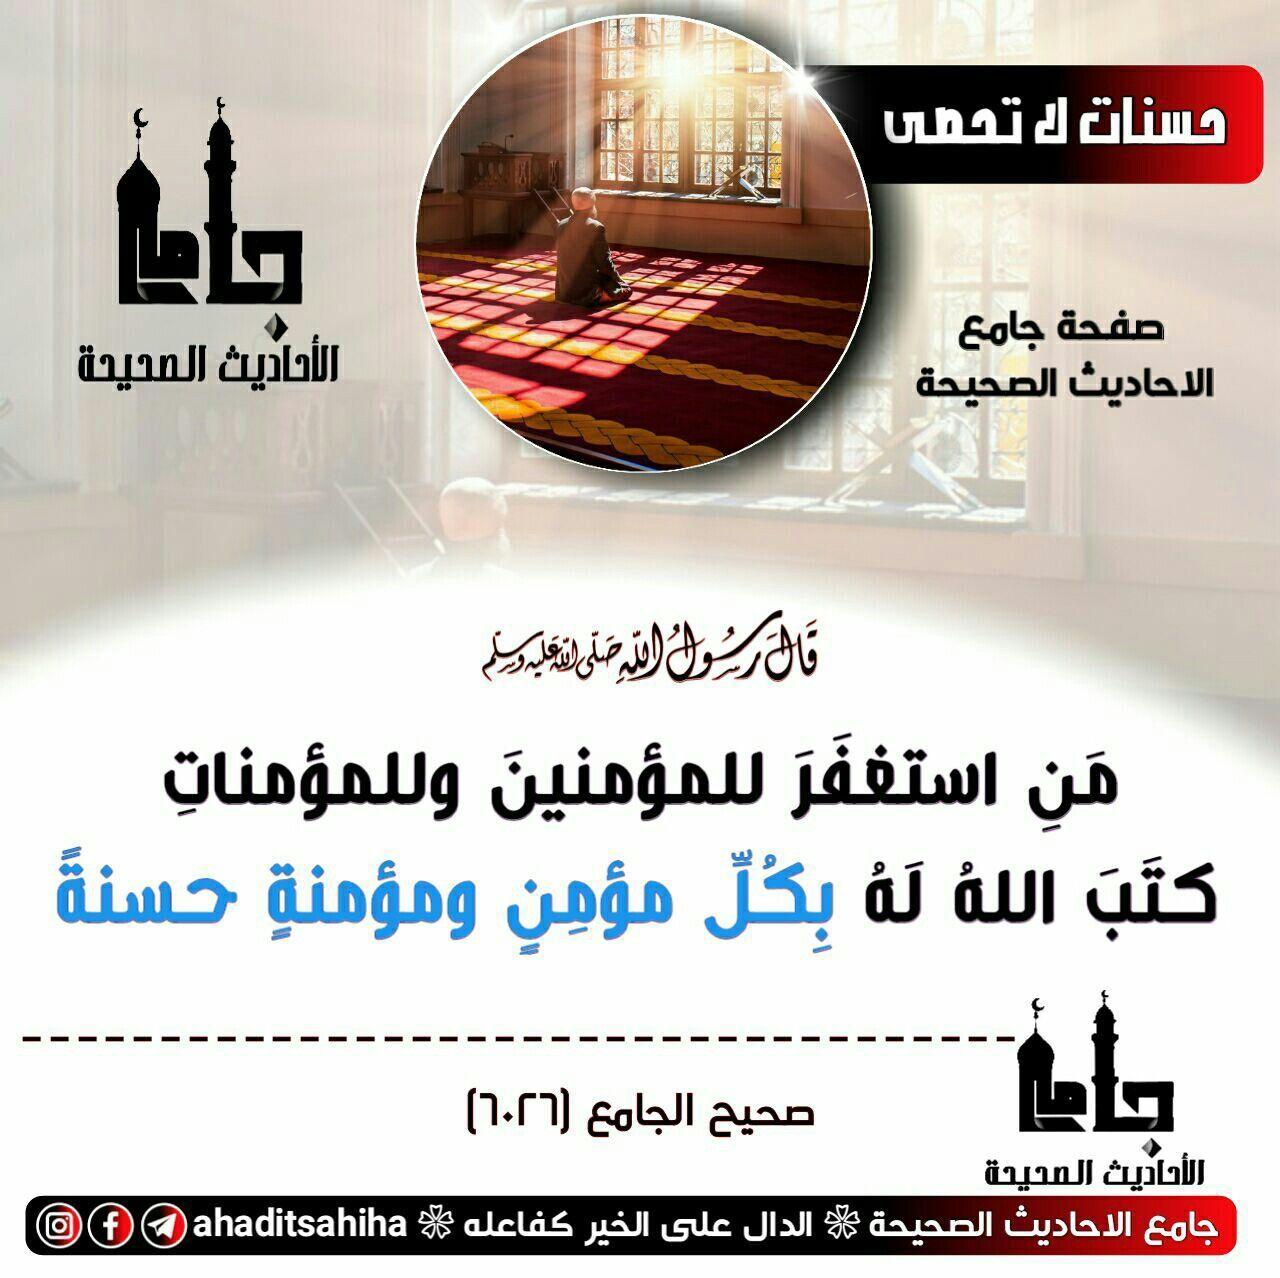 Pin By زهرة الياسمين On إستغفار Aaa